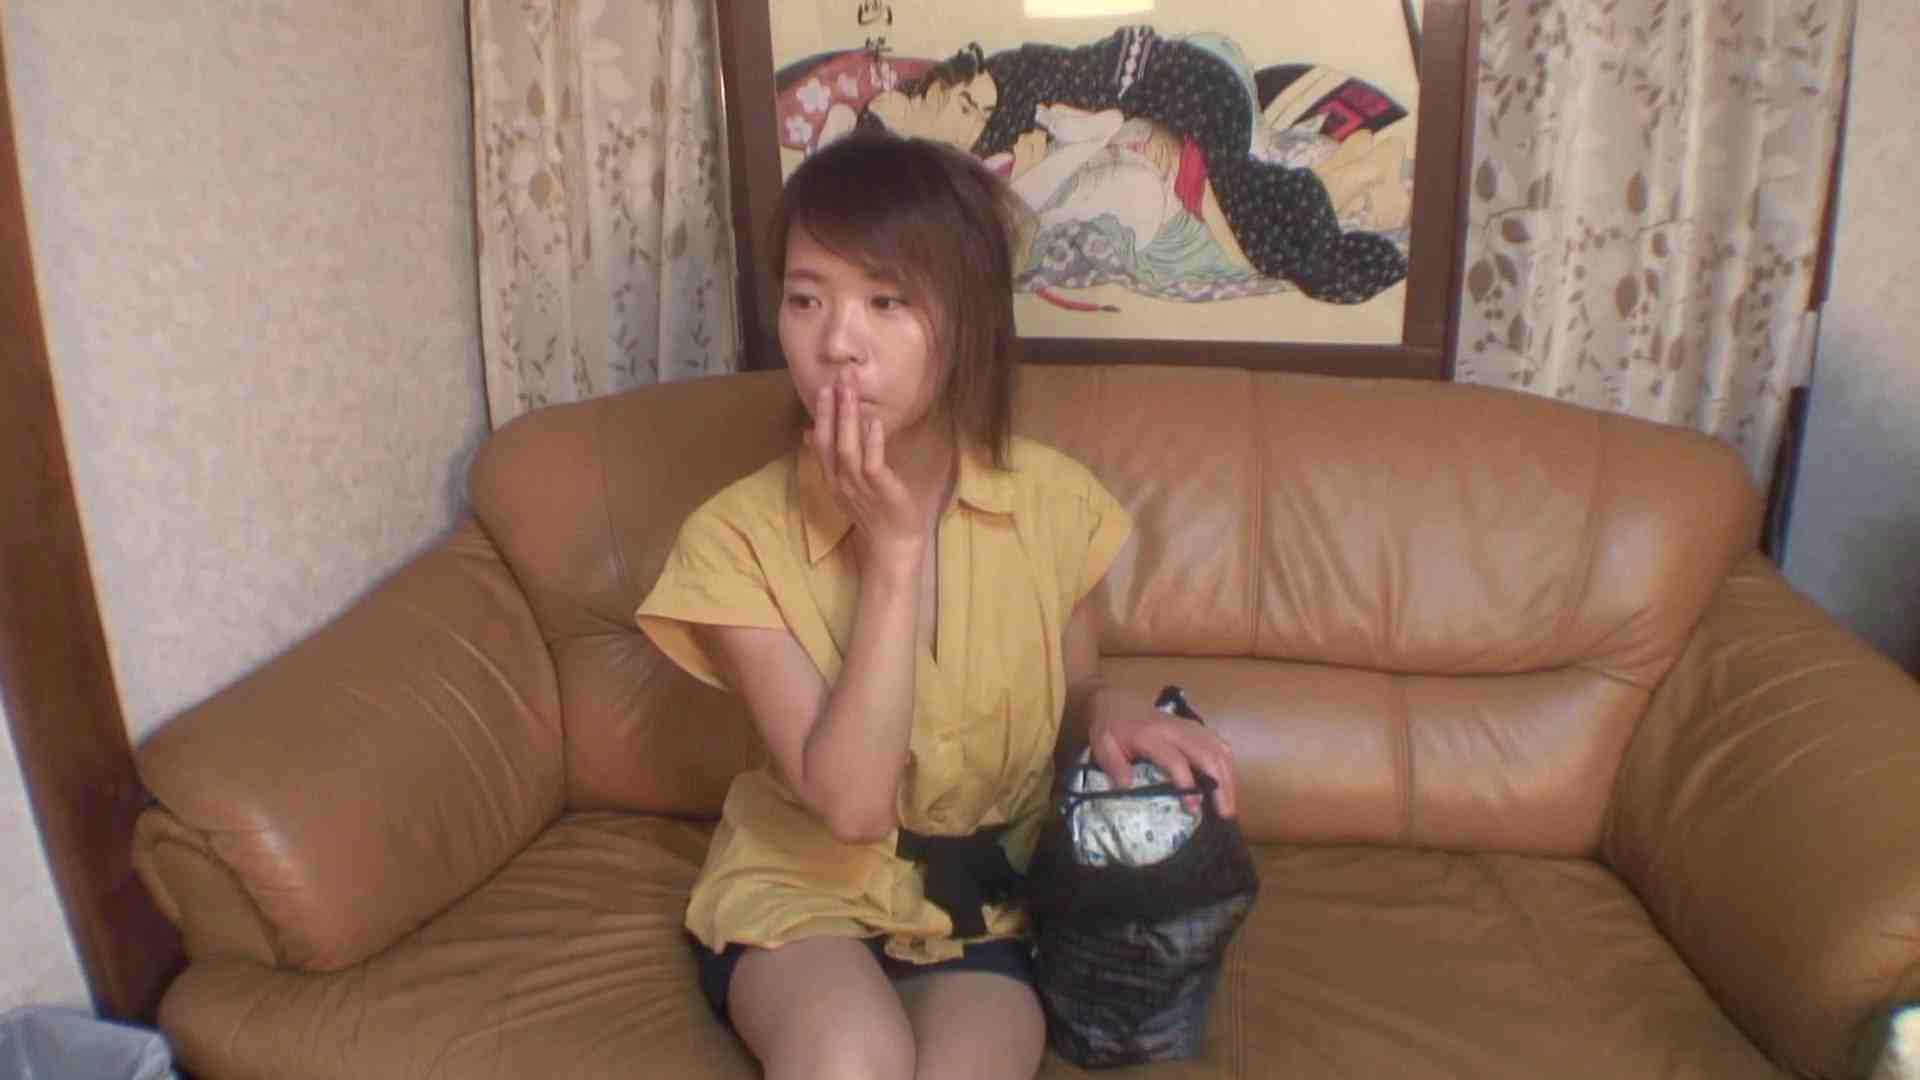 鬼才沖本監督作品 フェラしか出来ない女 フェラ・シーン セックス画像 86枚 11